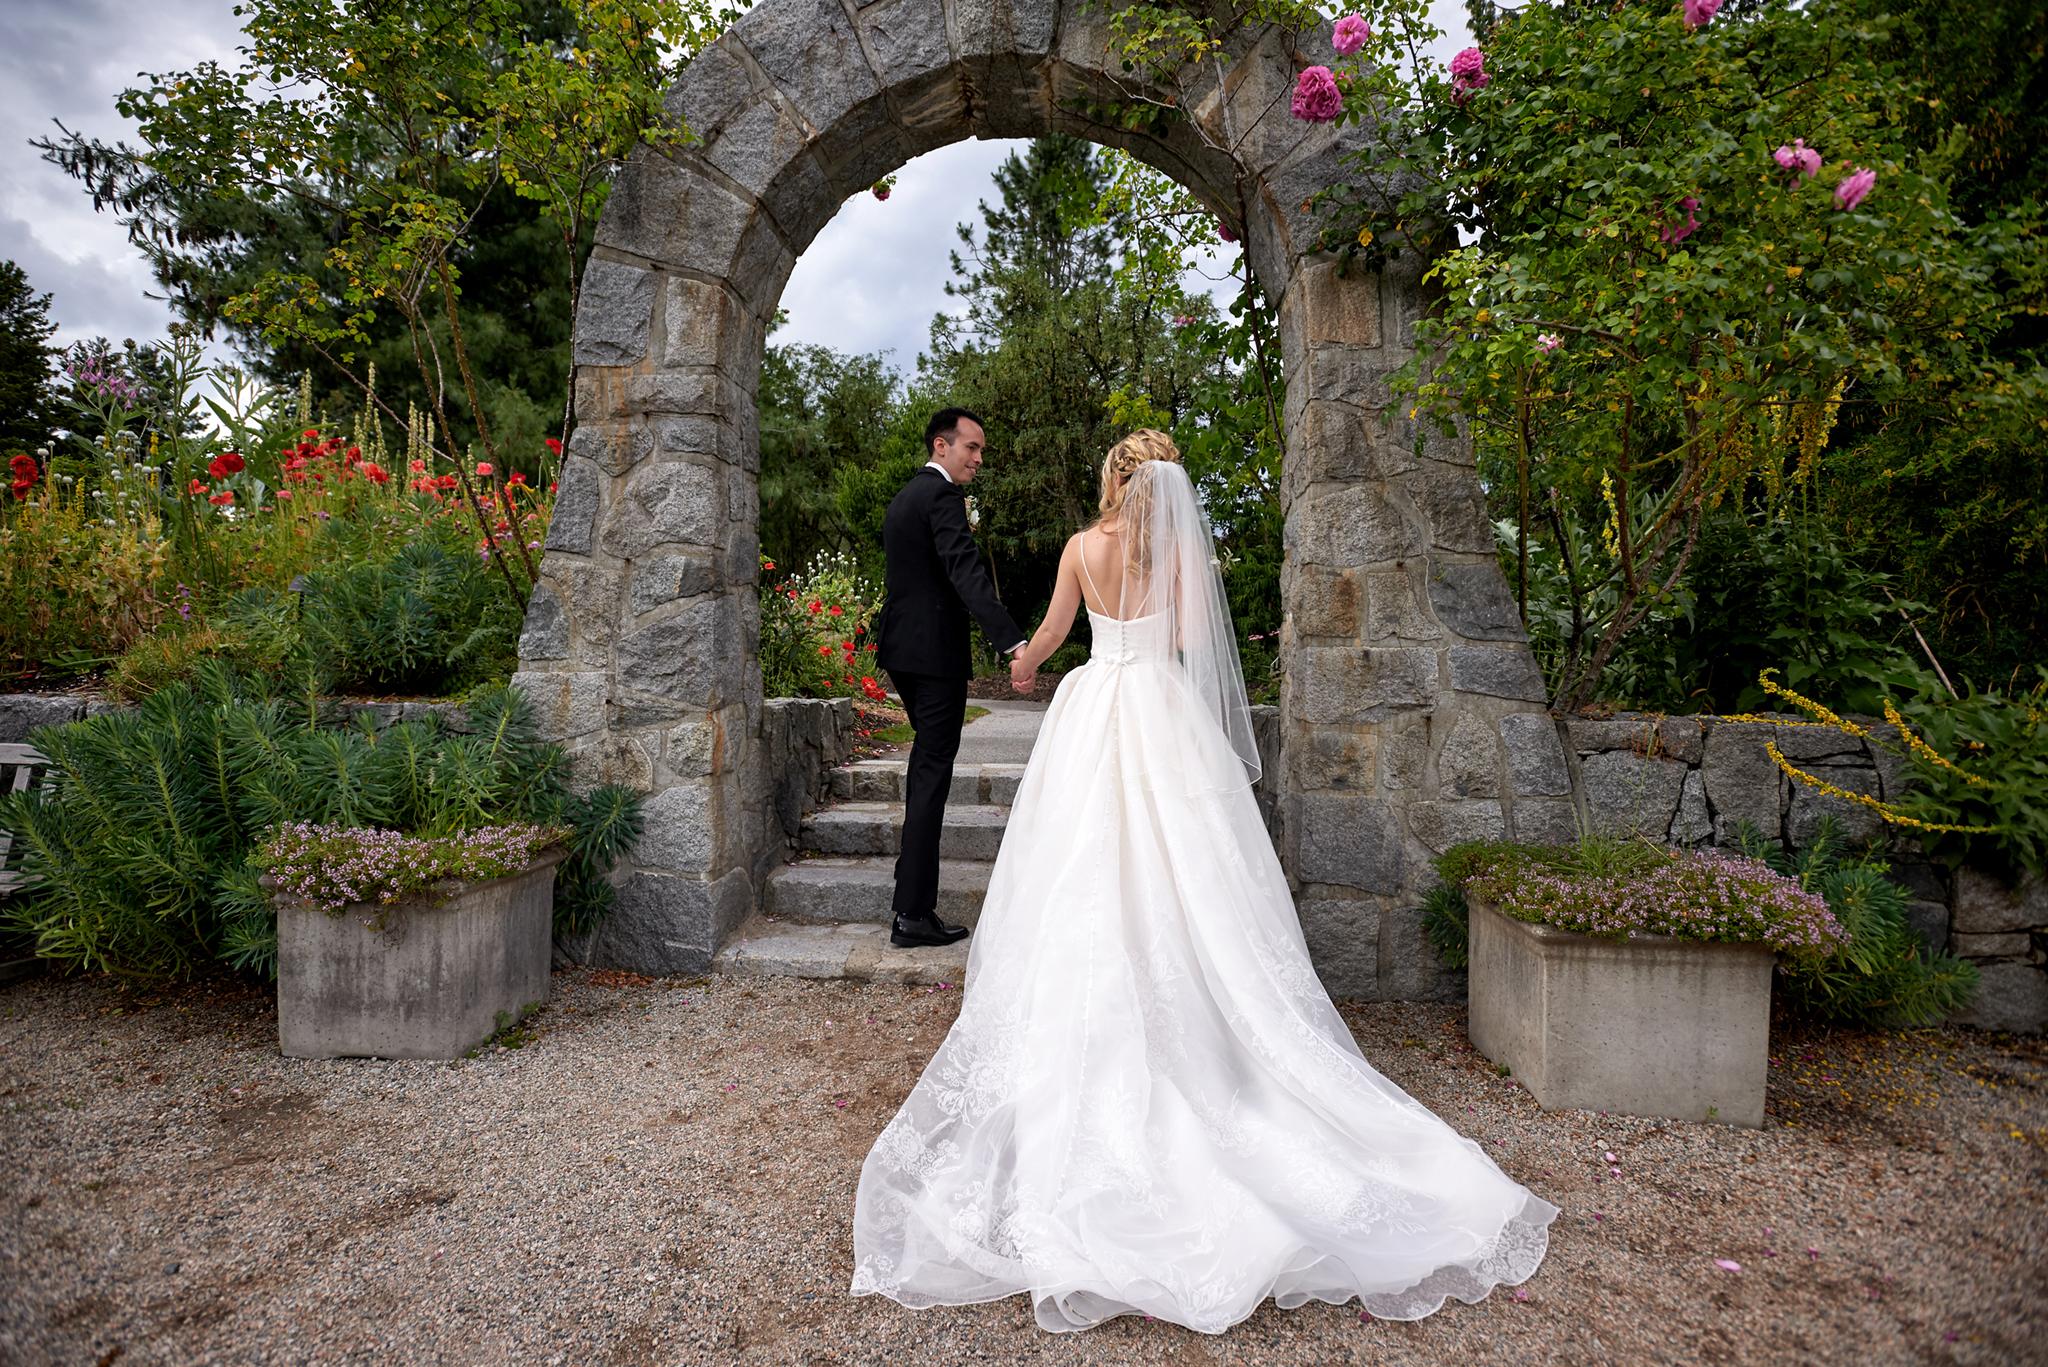 Van Dusen Garden wedding photography Vancouver